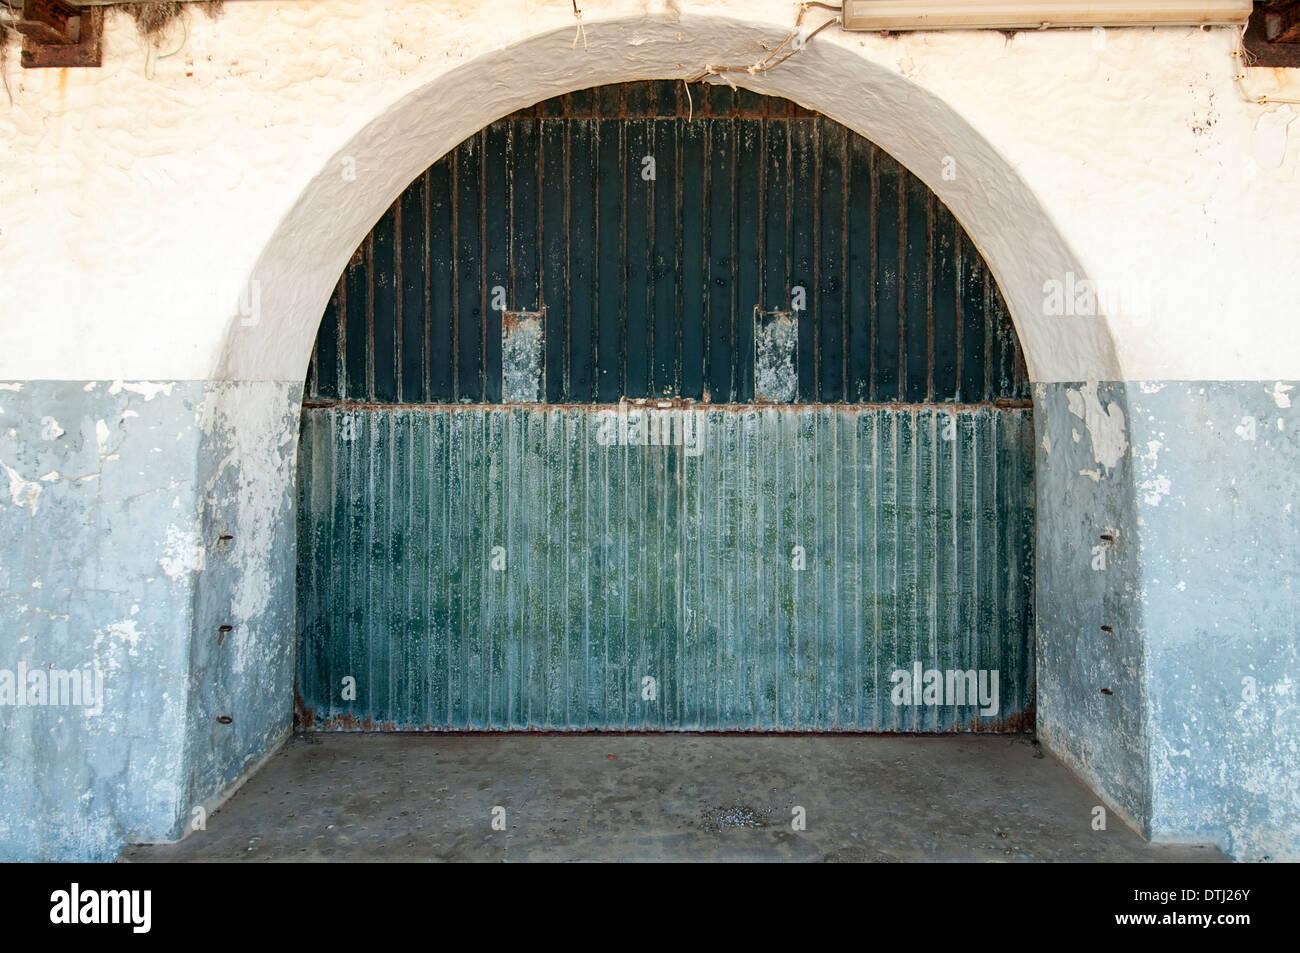 arched doorway with old metal doors - Stock Image